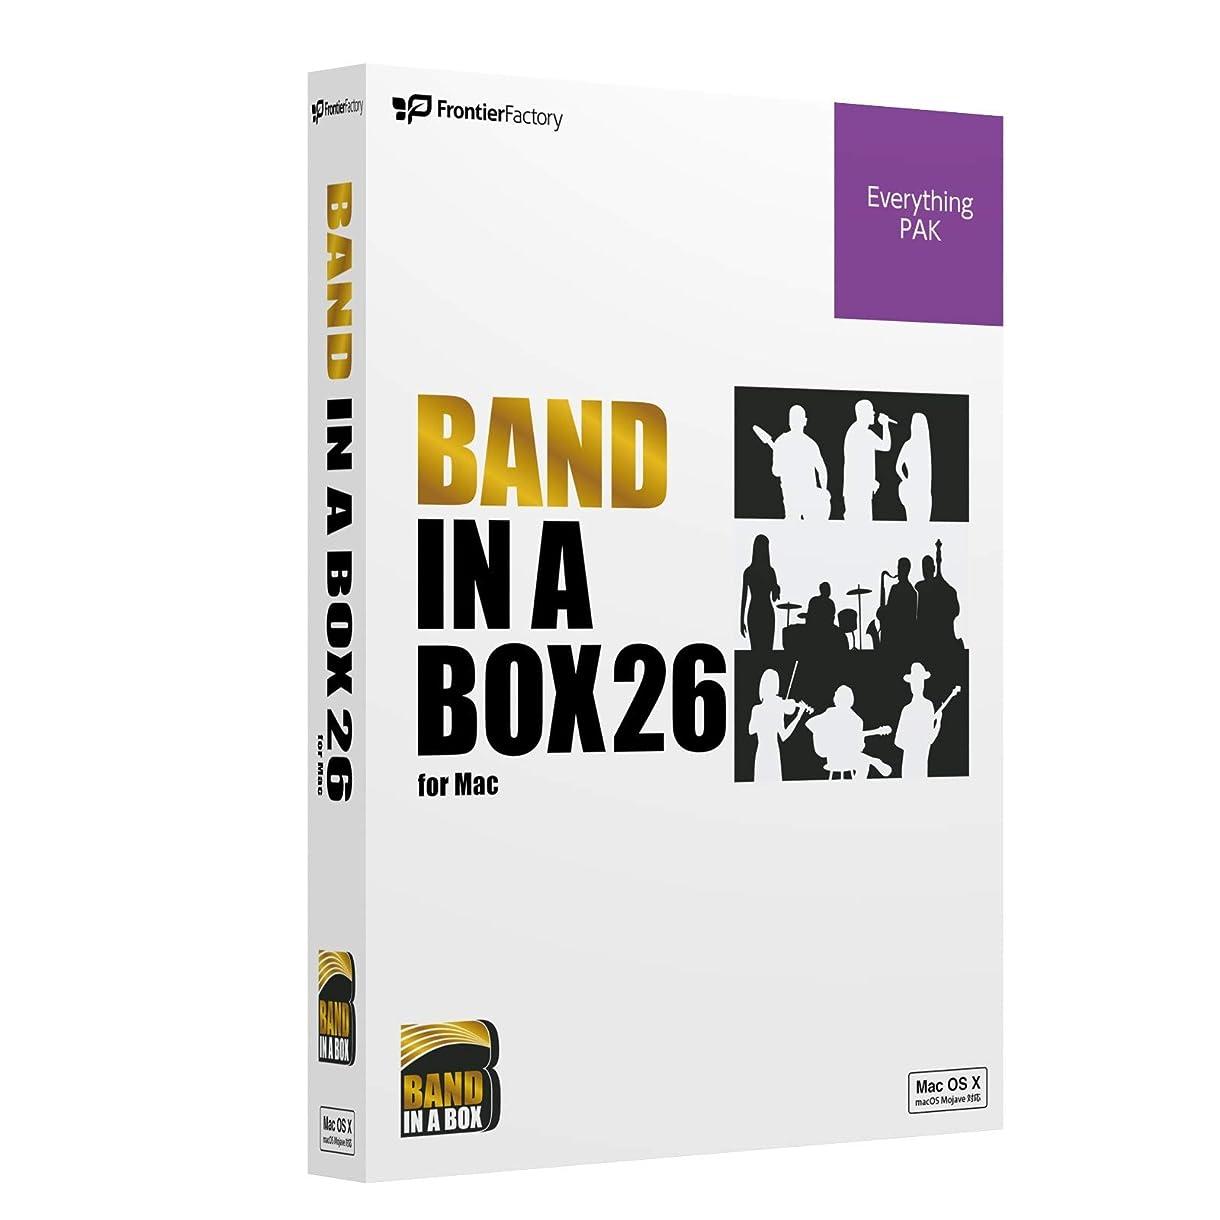 虚偽小道わかるPG Music ピージーミュージック/Band-in-a-Box 26 for Mac EverythingPAK バンドインアボックス